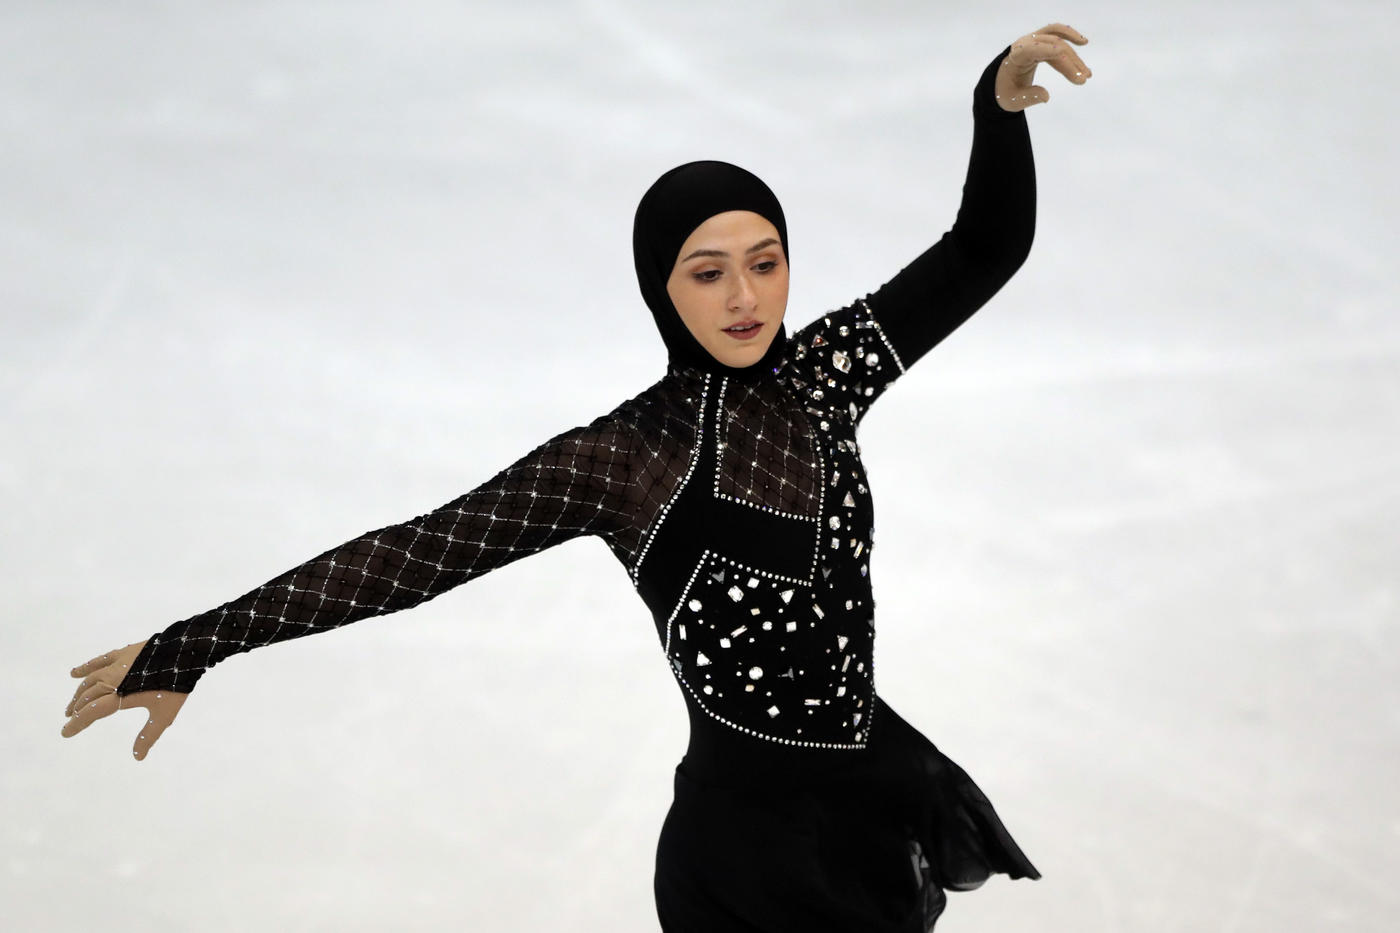 Тренер фигуристки в хиджабе: Захра – медийный персонаж, но в ОАЭ в приоритете хоккей - фото